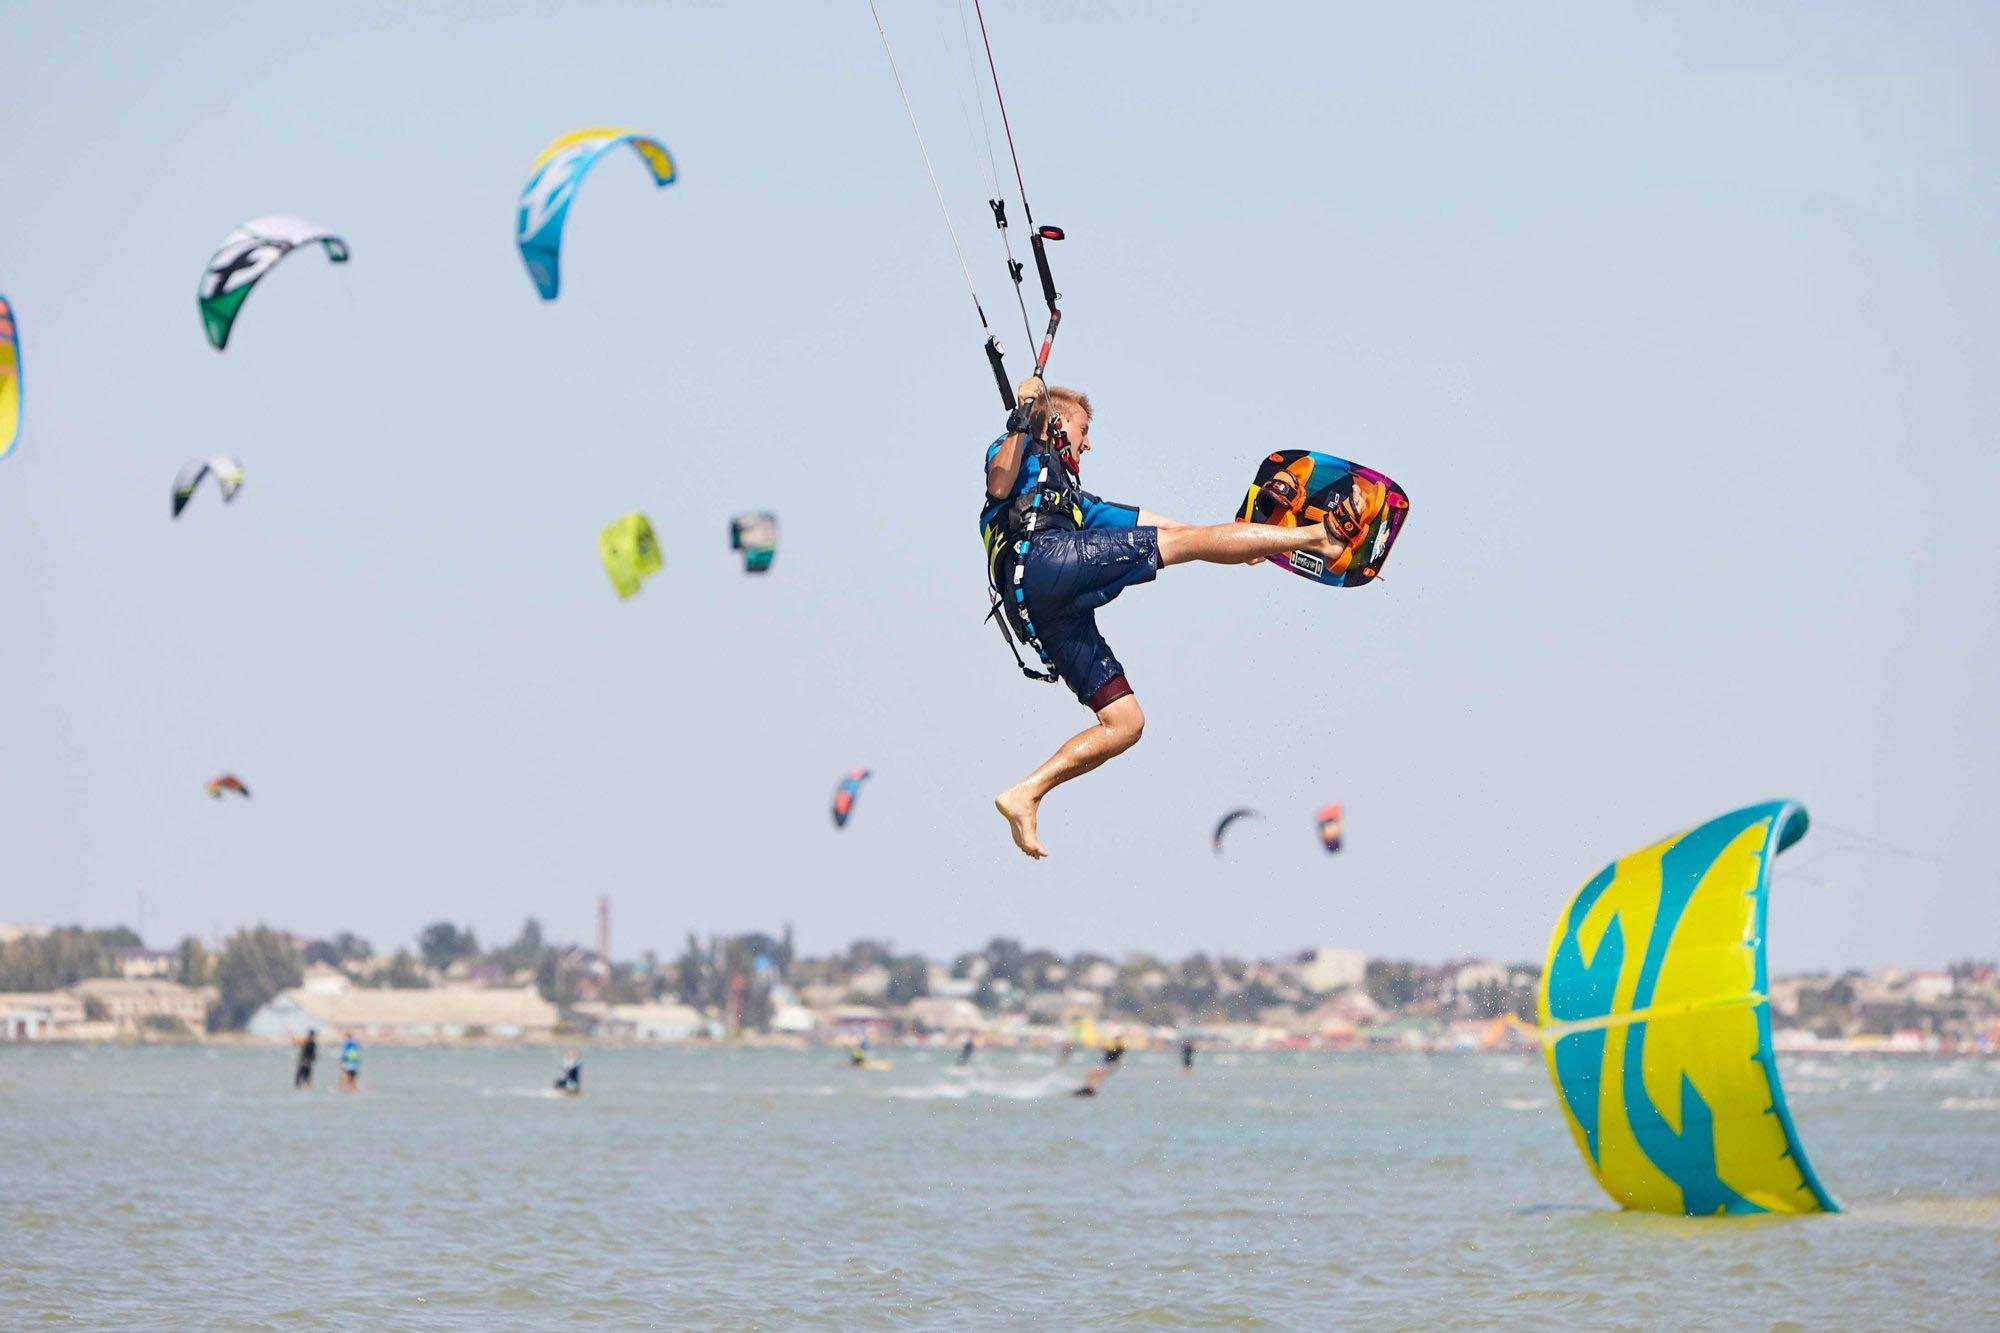 Кайтсерфінг в Україні: підкорюємо море і вітер